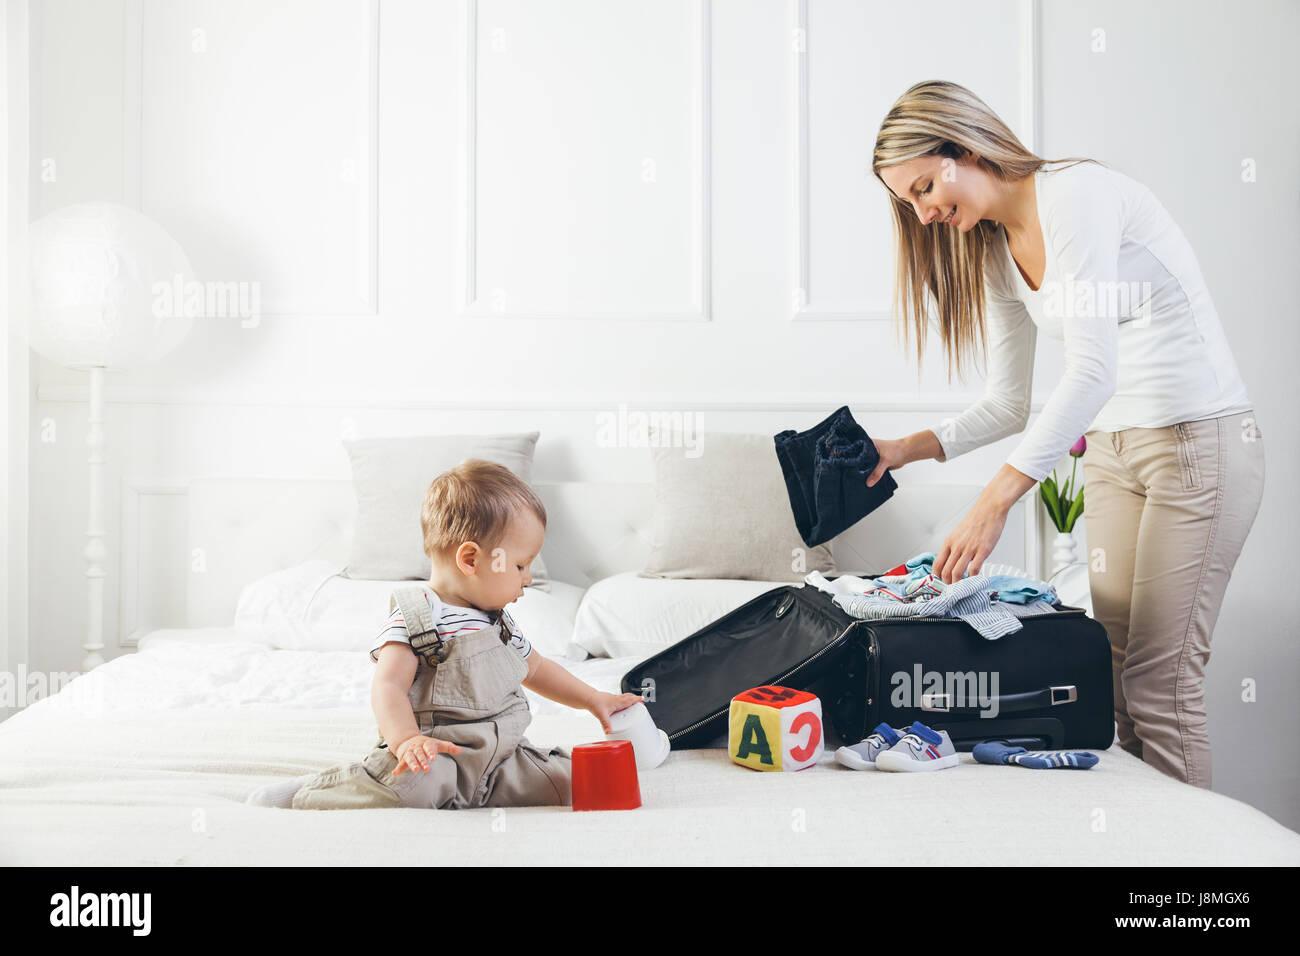 Reisen mit Kindern. Glückliche Mutter mit ihrem Kind Verpackung Kleidung für ihren Urlaub Stockbild